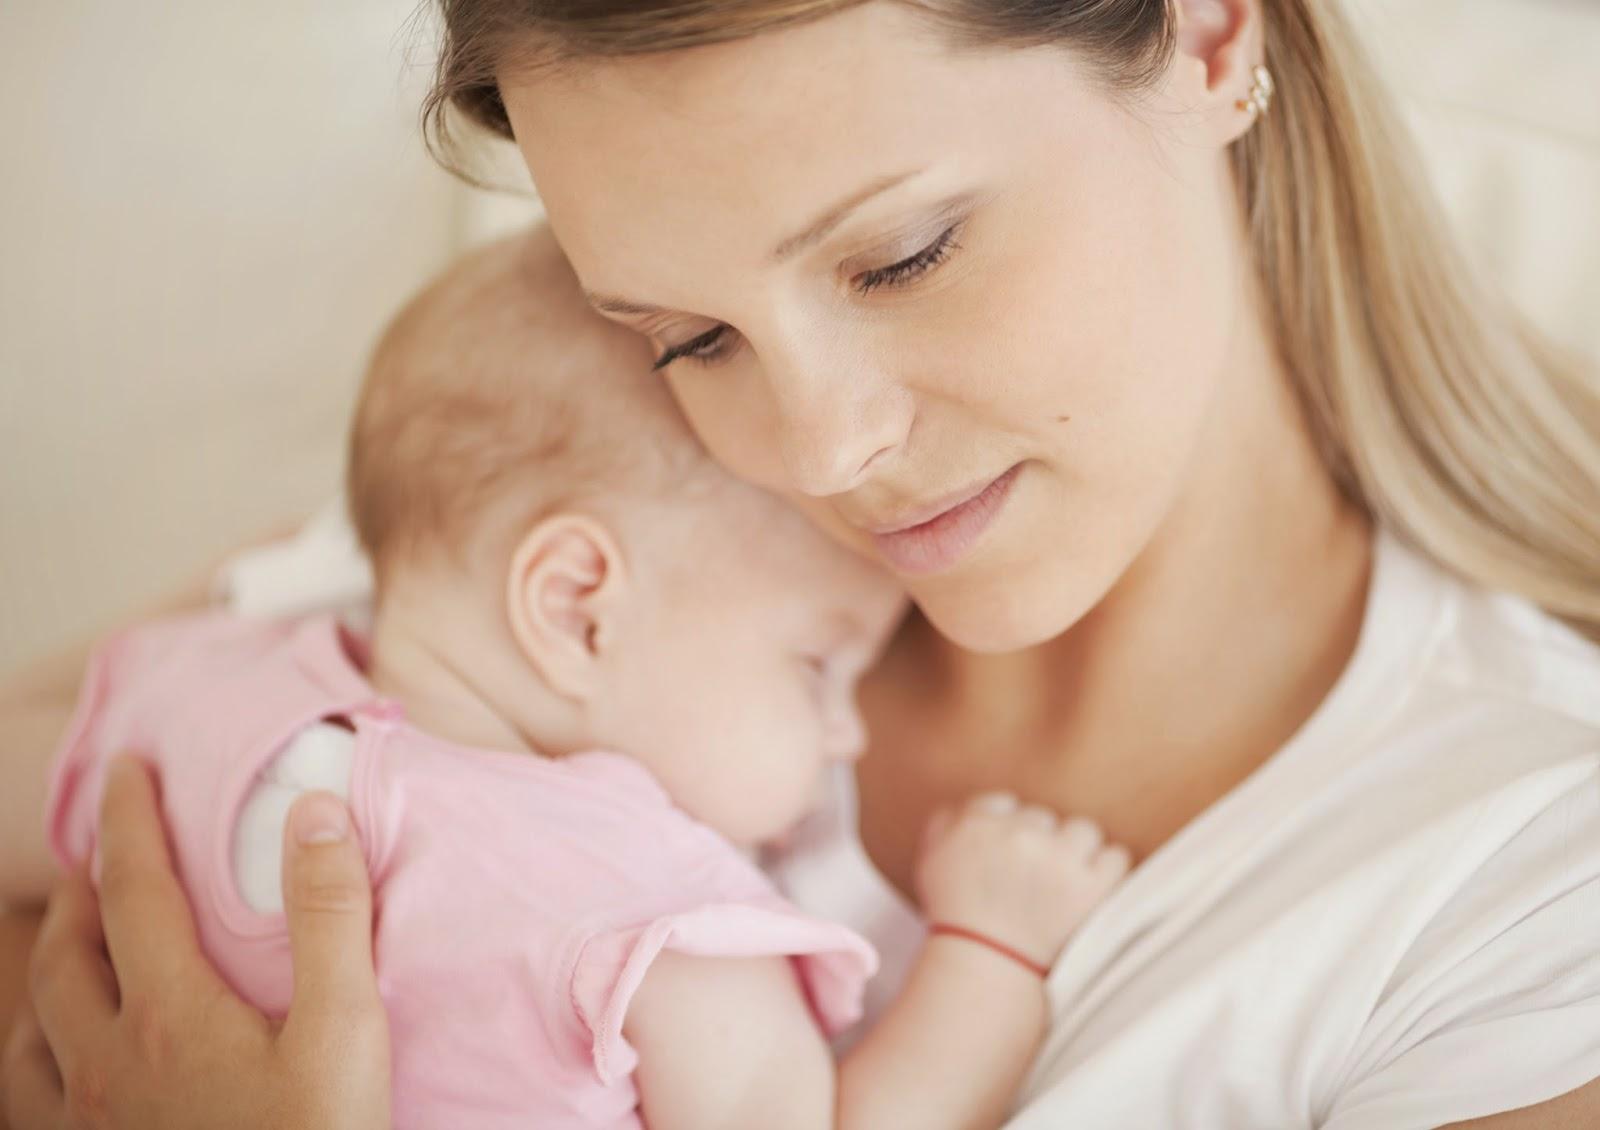 Картинка мамам с малышом